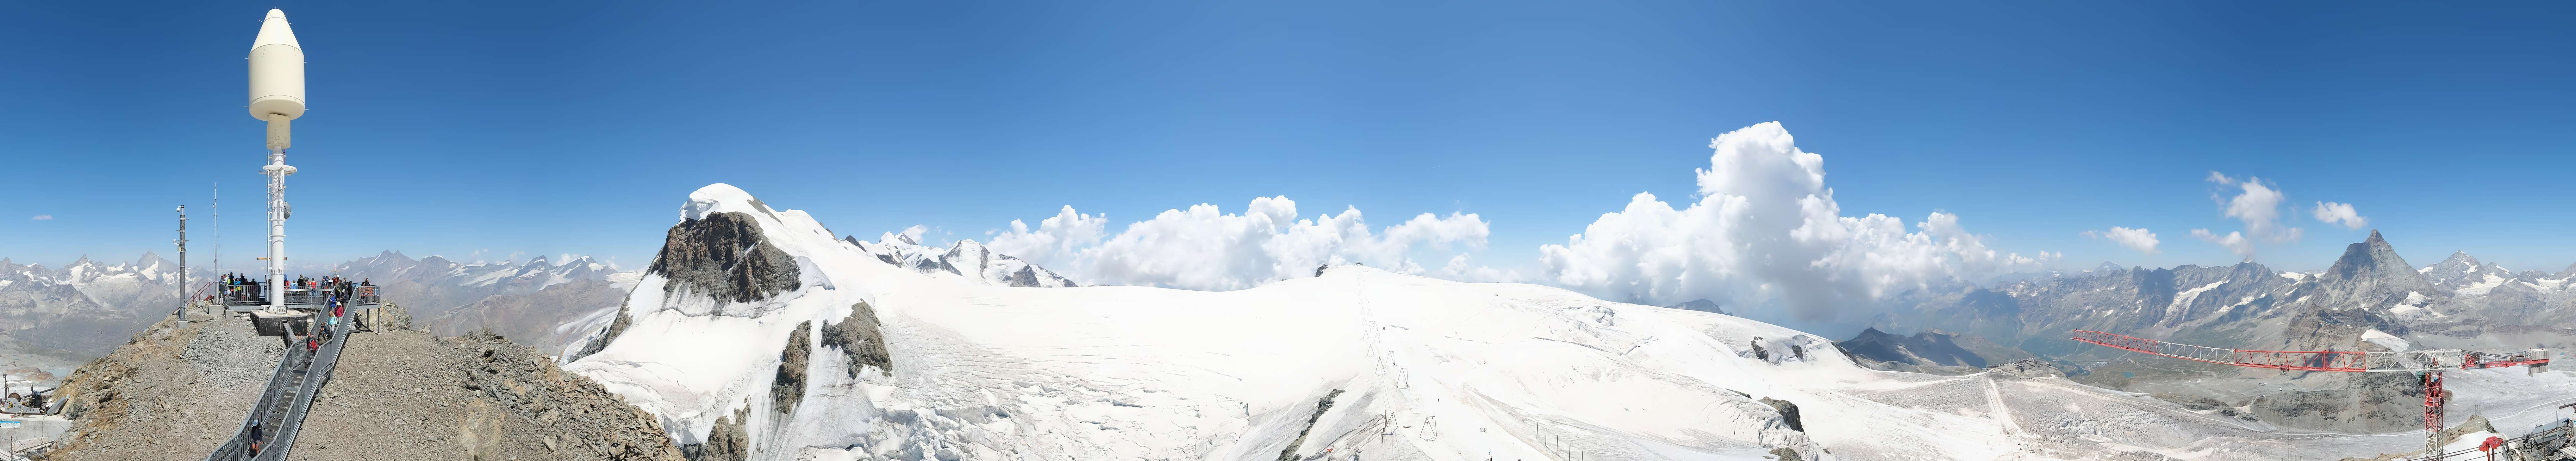 Livecam Matterhorn Glacier Paradise